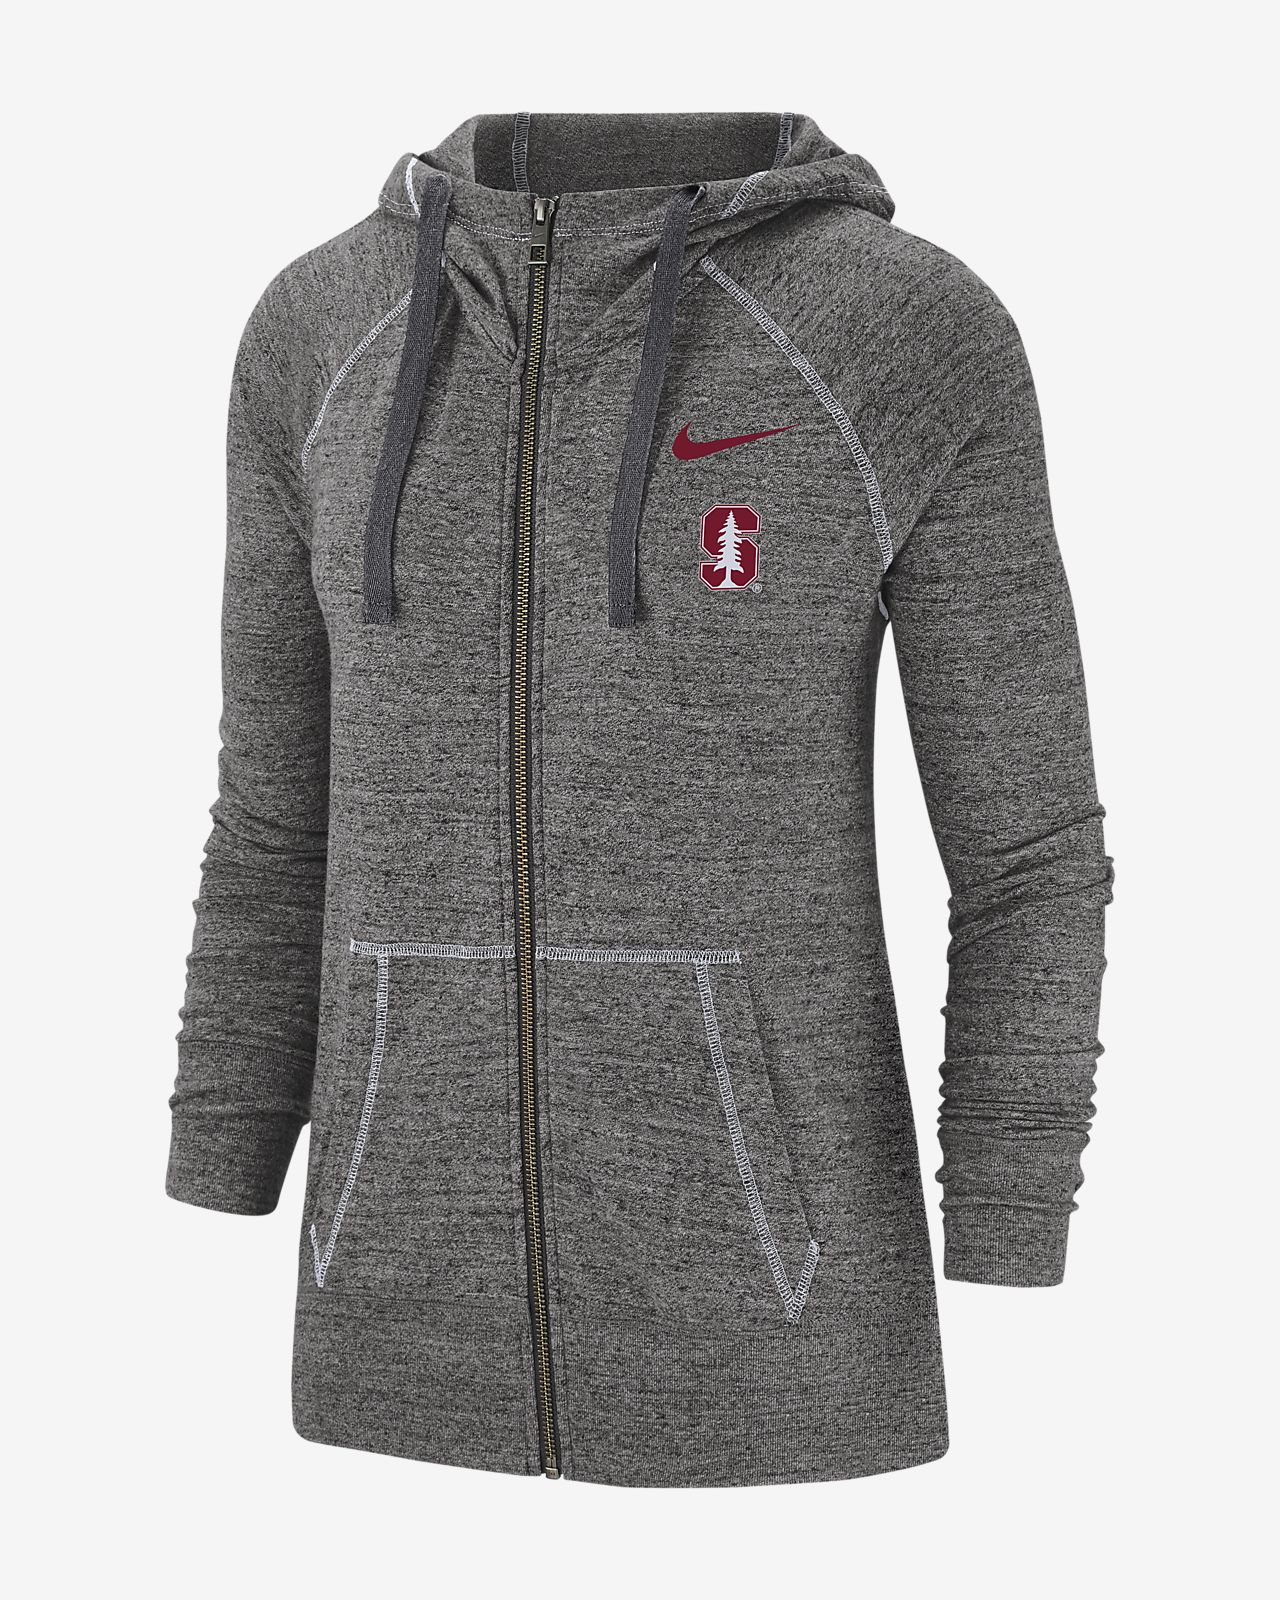 Nike College Gym Vintage (Stanford) Women's Full-Zip Hoodie